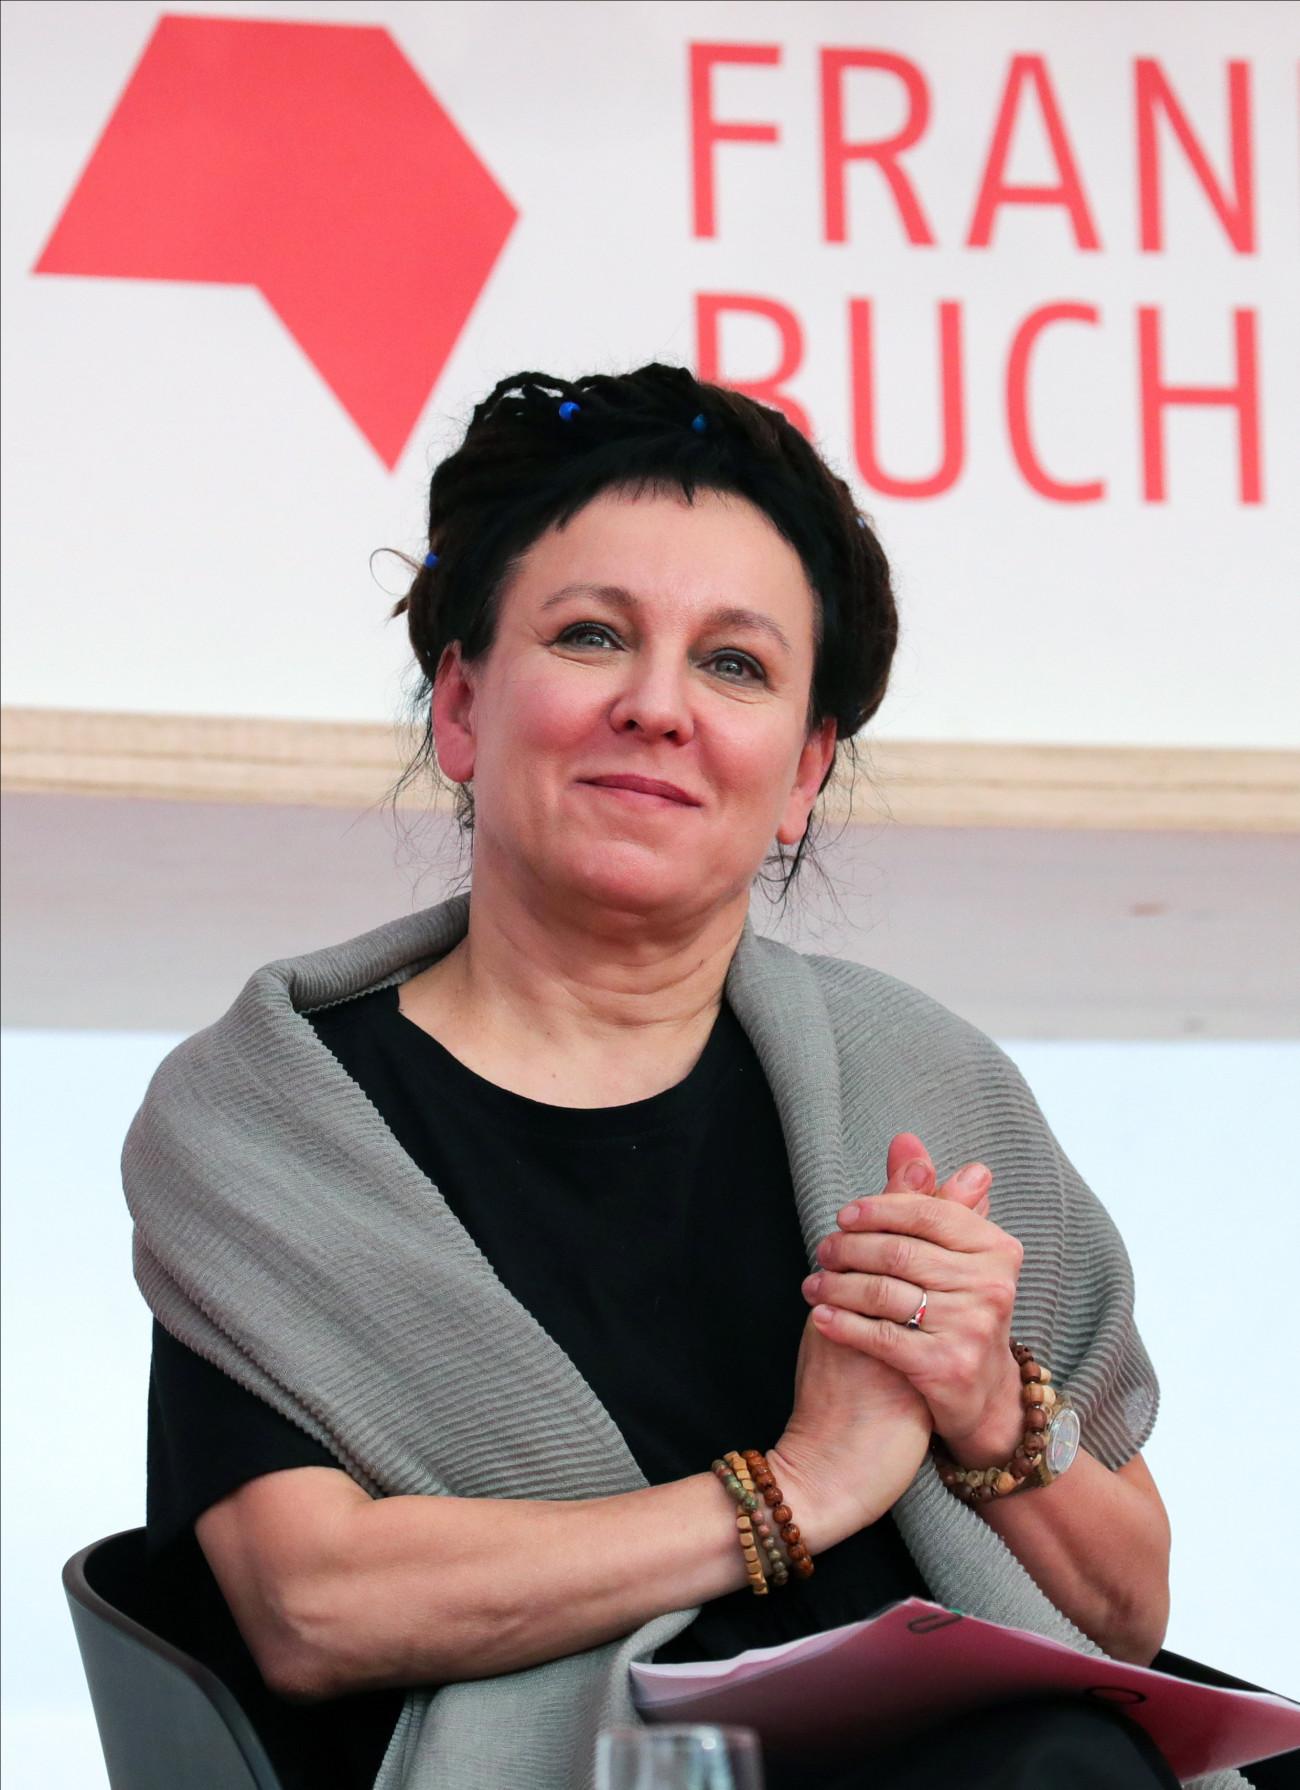 A 2018-as irodalmi Nobel-díjat elnyert Olga Tokarczuk lengyel írónő a 71. Frankfurti Könyvvásár nyitó sajtótájékoztatóján 2019. október 15-én.  Az október 20-ig tartó könyvvásárnak az idén Norvégia a díszvendége. MTI/EPA/Armando Babani